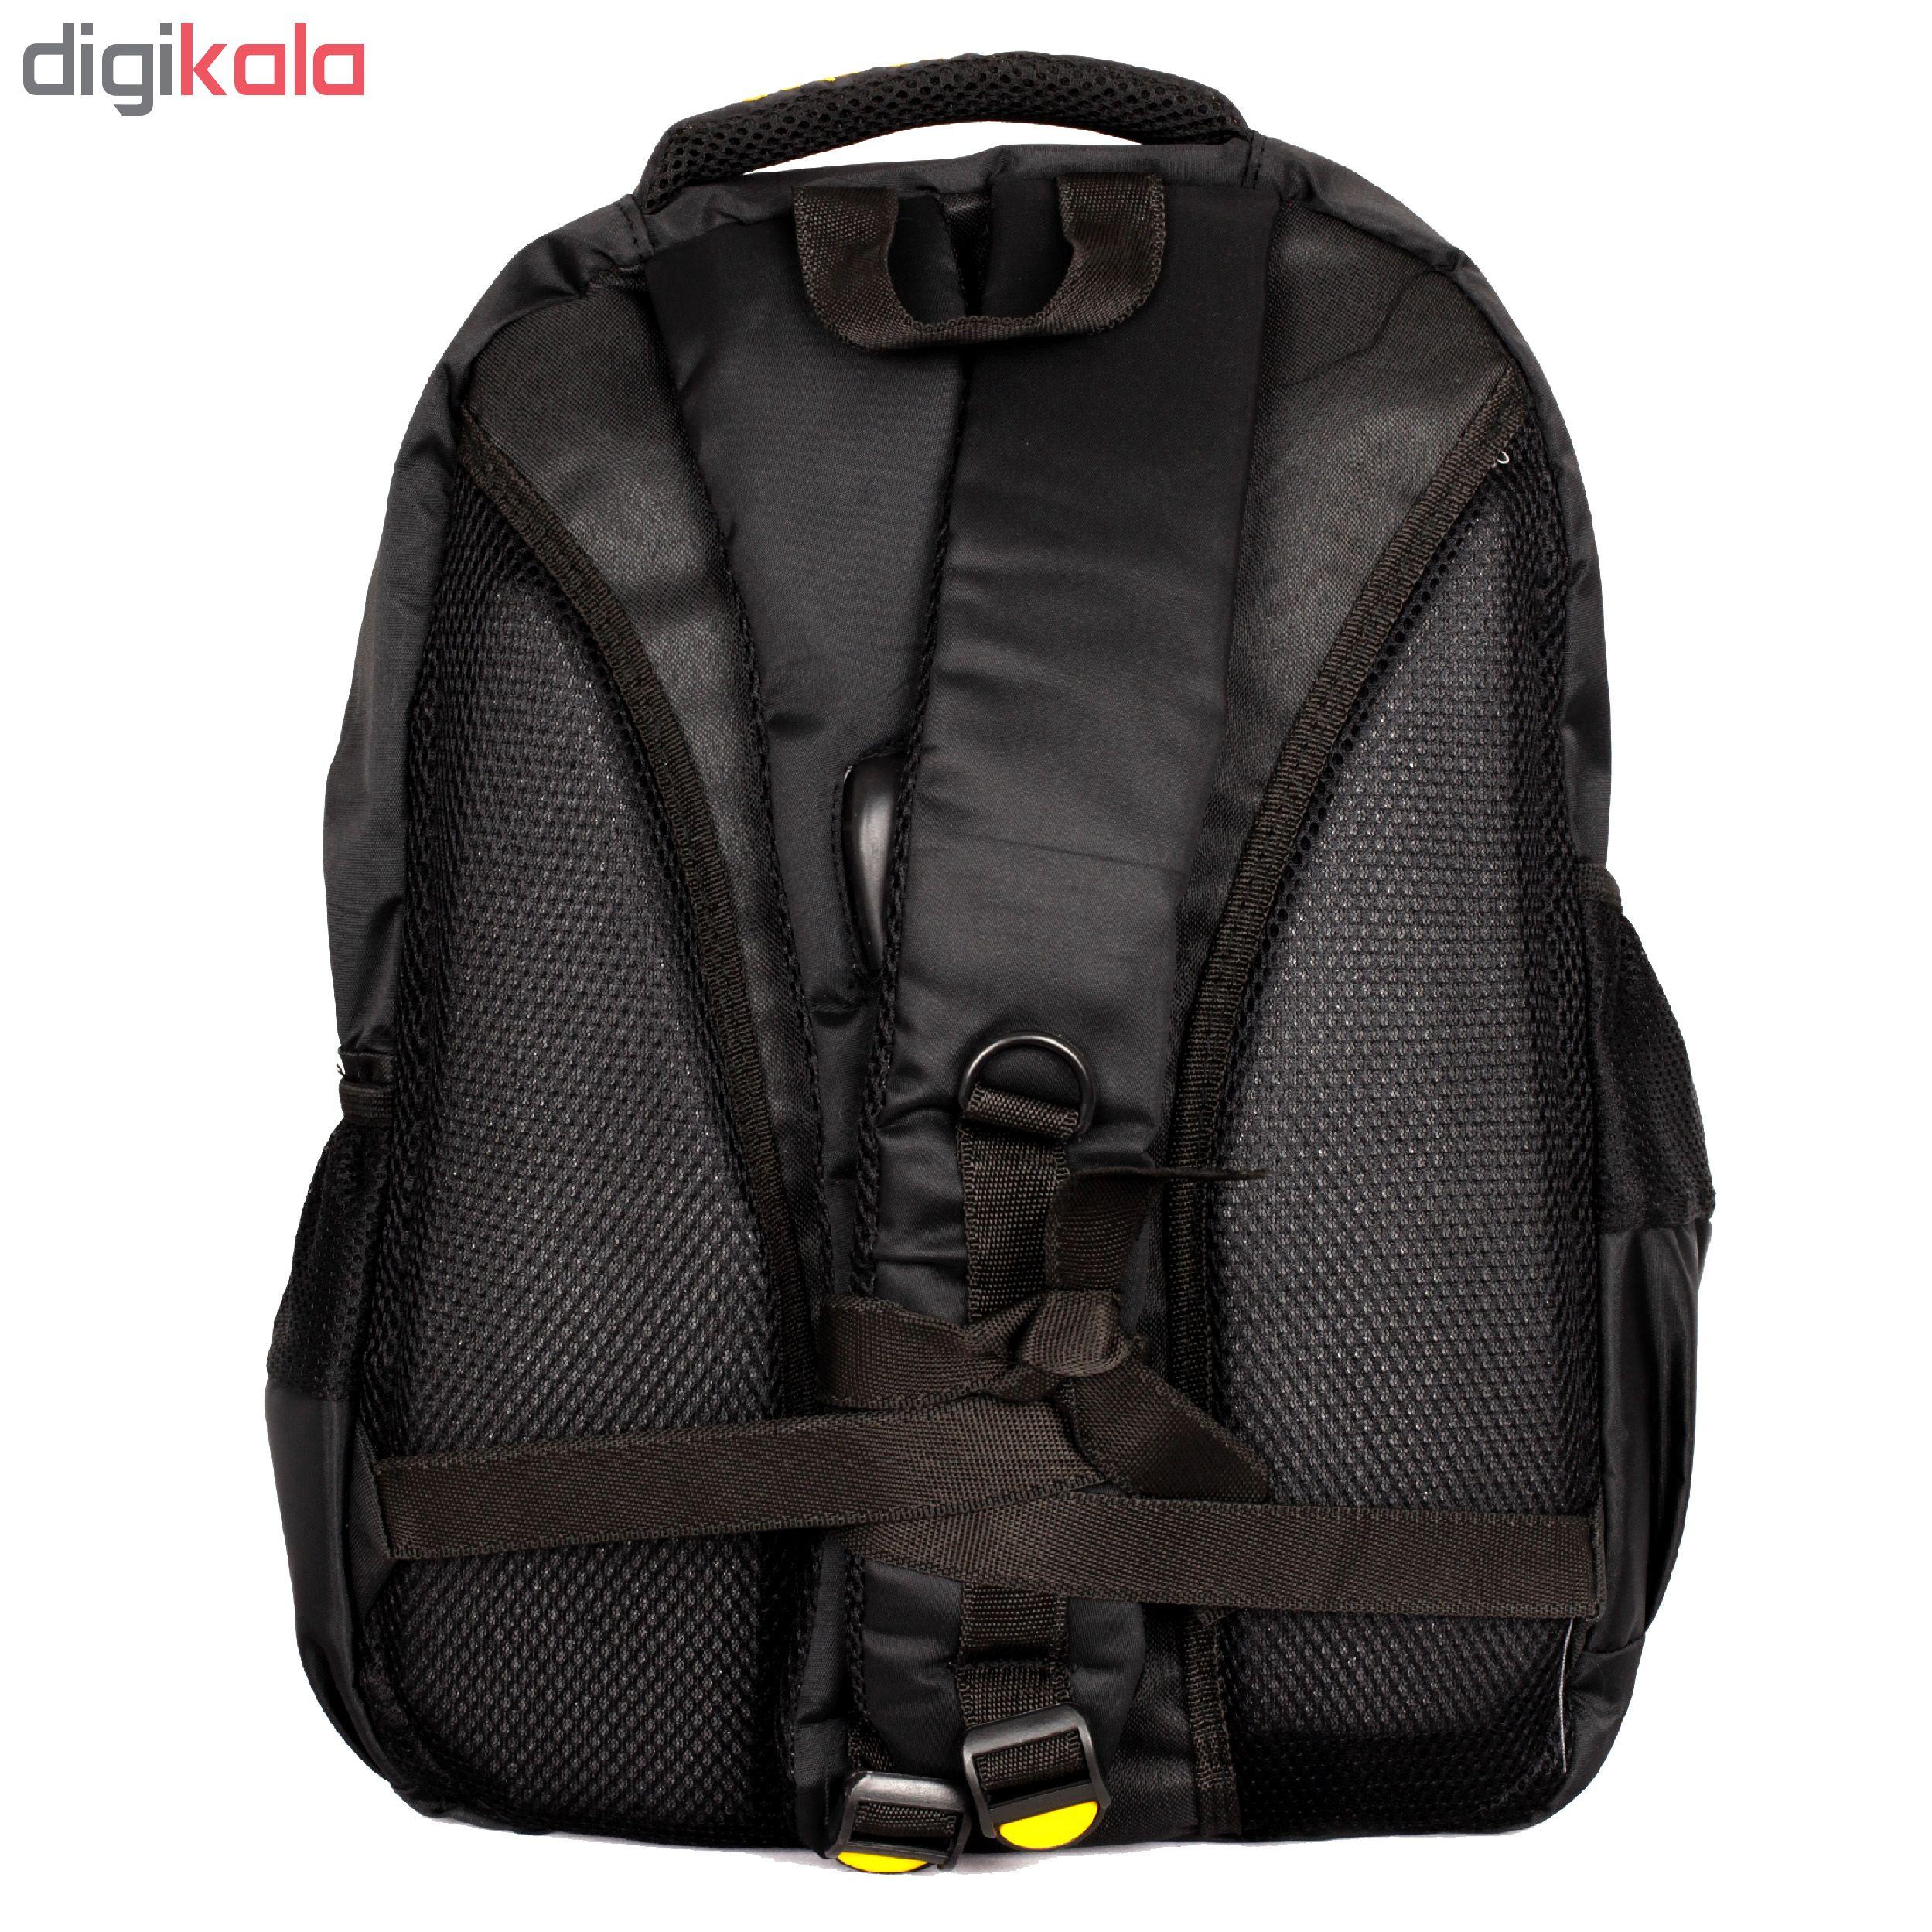 کوله پشتی لپ تاپ مدل SD113 مناسب برای لپ تاپ 15.6 اینچی